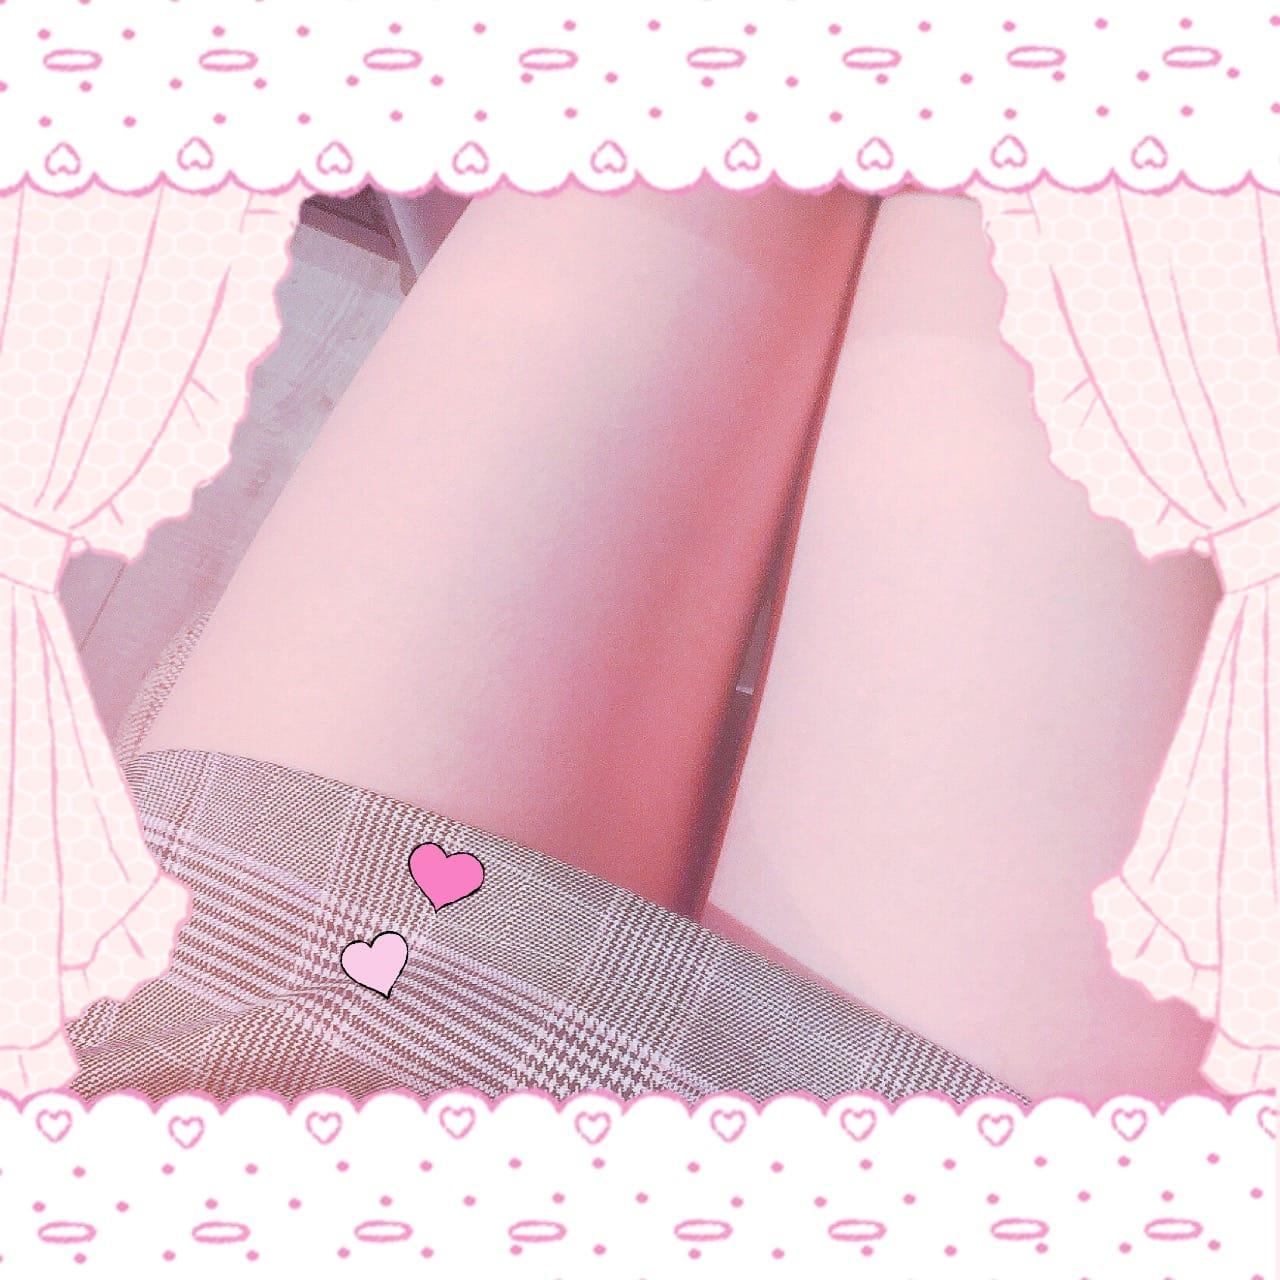 「タイトルなし」03/19(03/19) 19:00 | さくらこの写メ・風俗動画